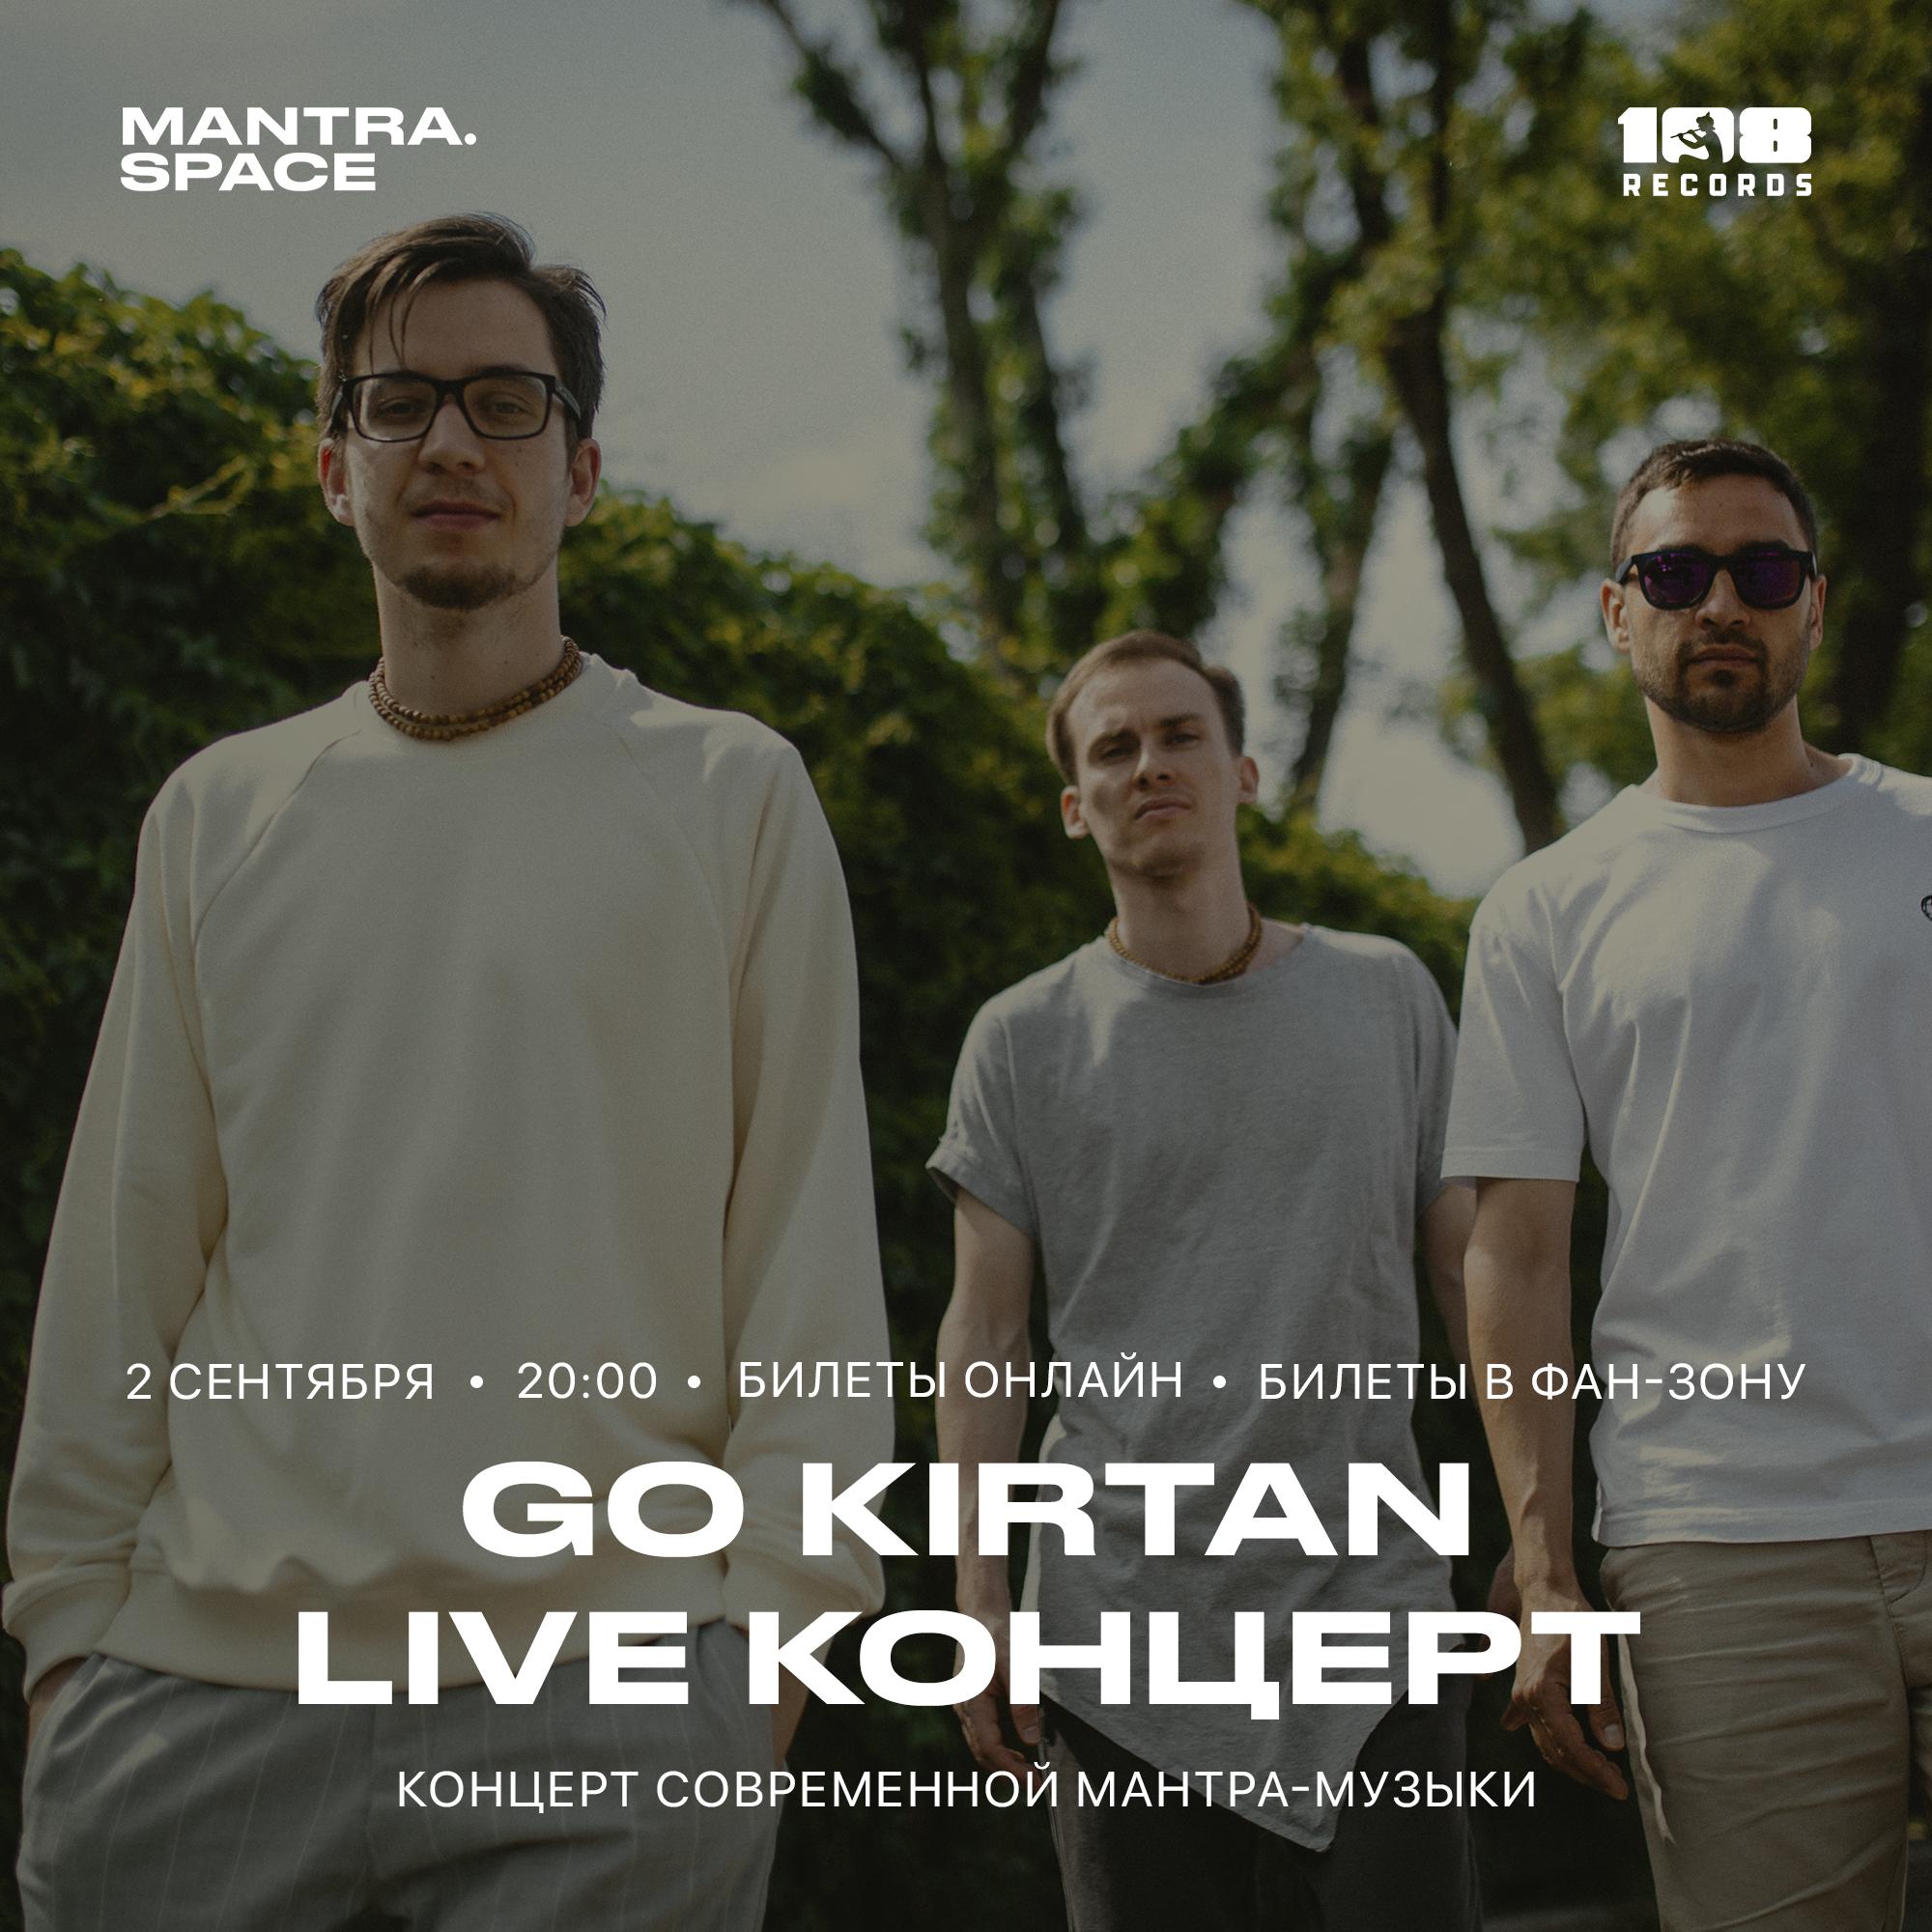 Новый трек Shiva прозвучит на концерте группы GoKirtan в Москве